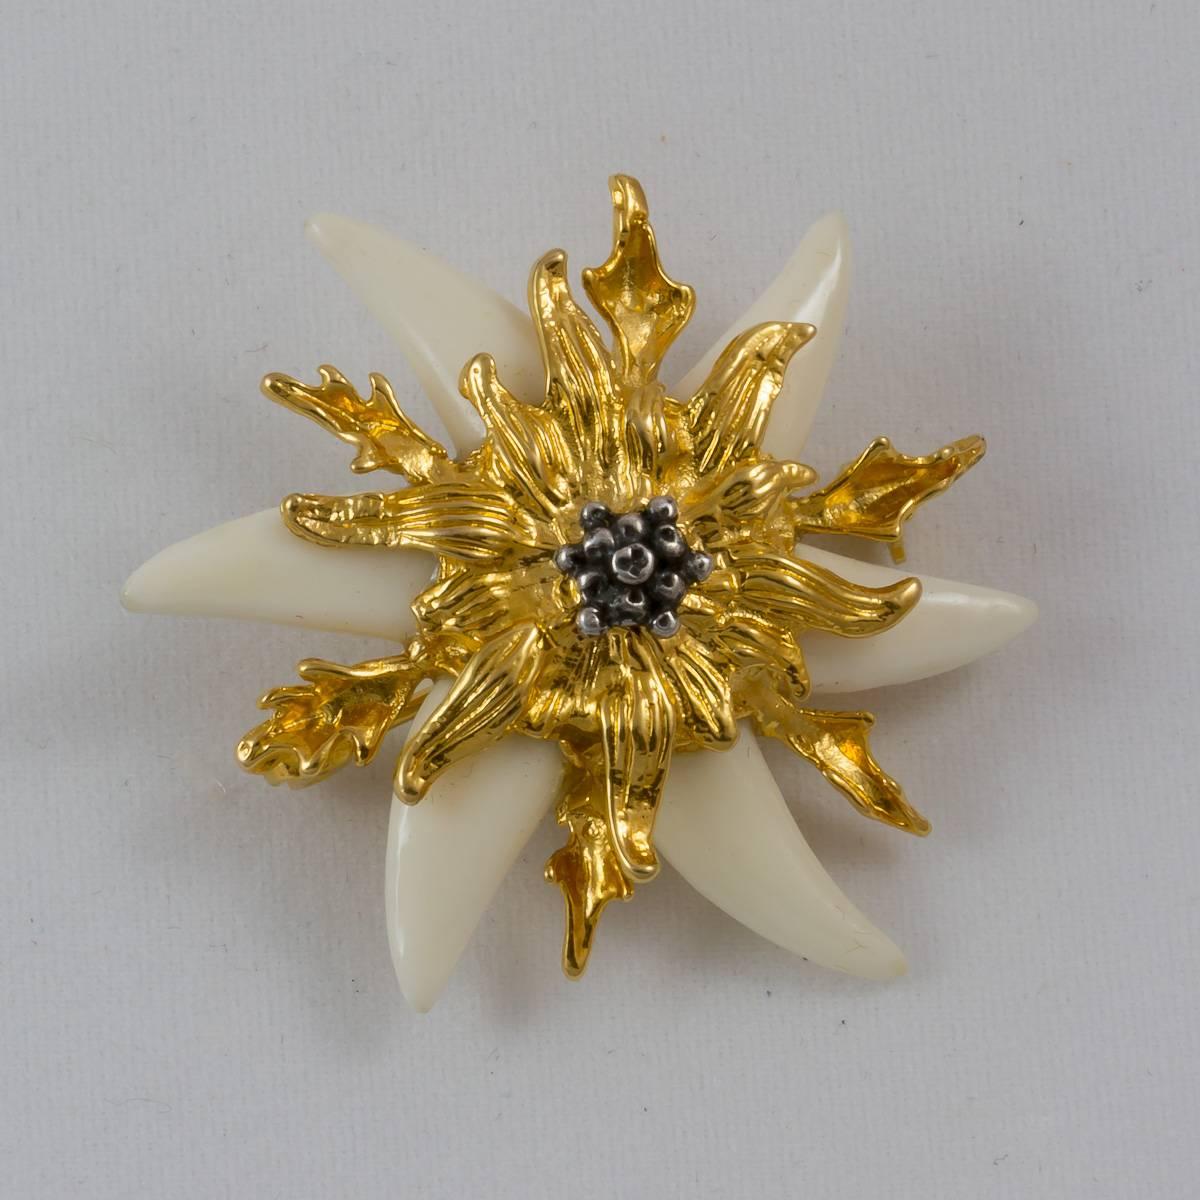 Fuchshaken-Silberdistel, Brosche, vergoldet